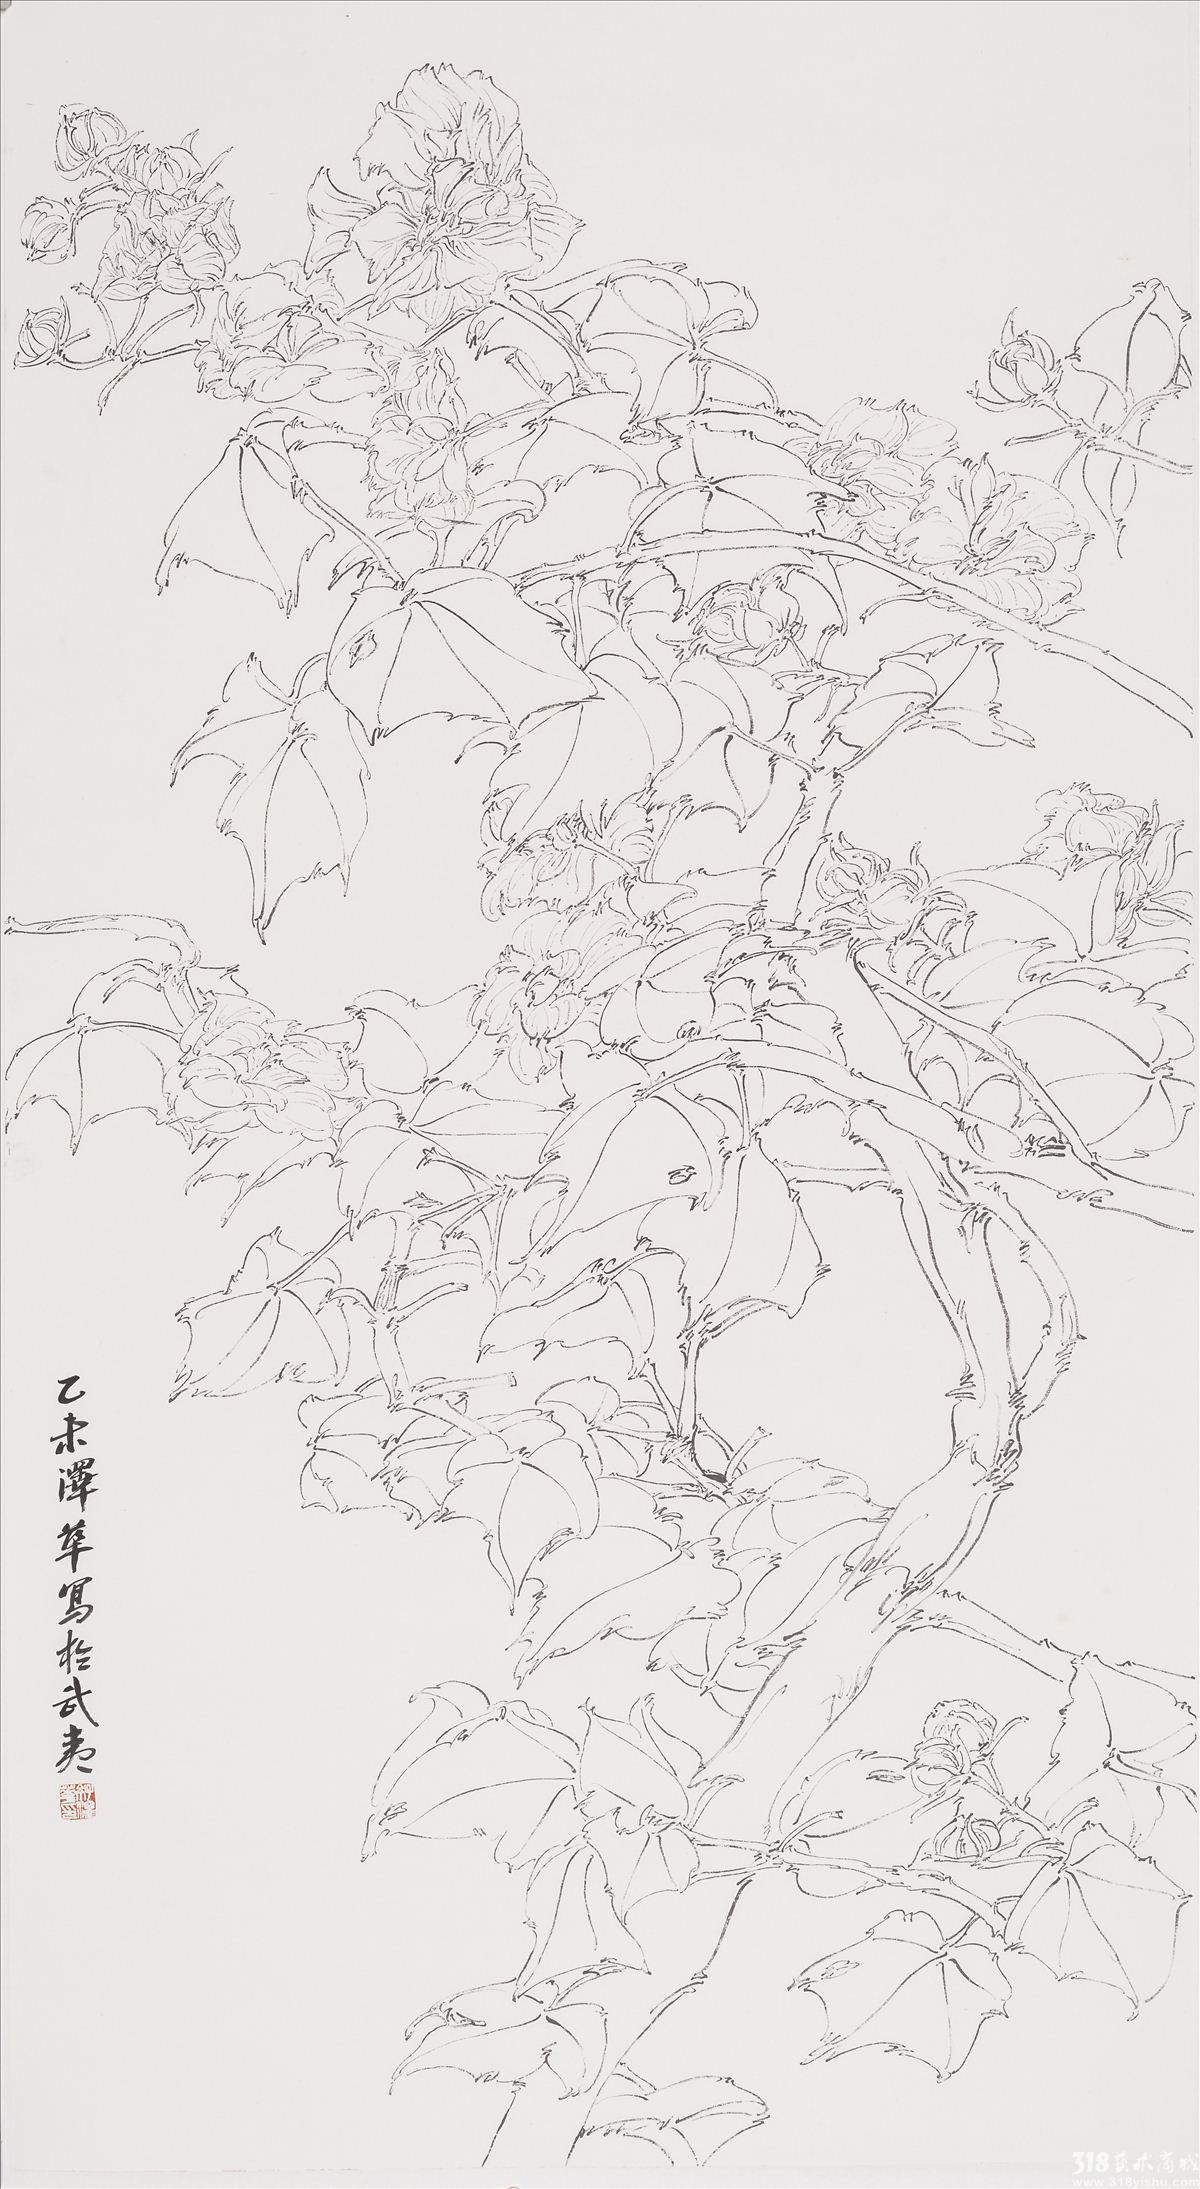 简笔画 手绘 线稿 1200